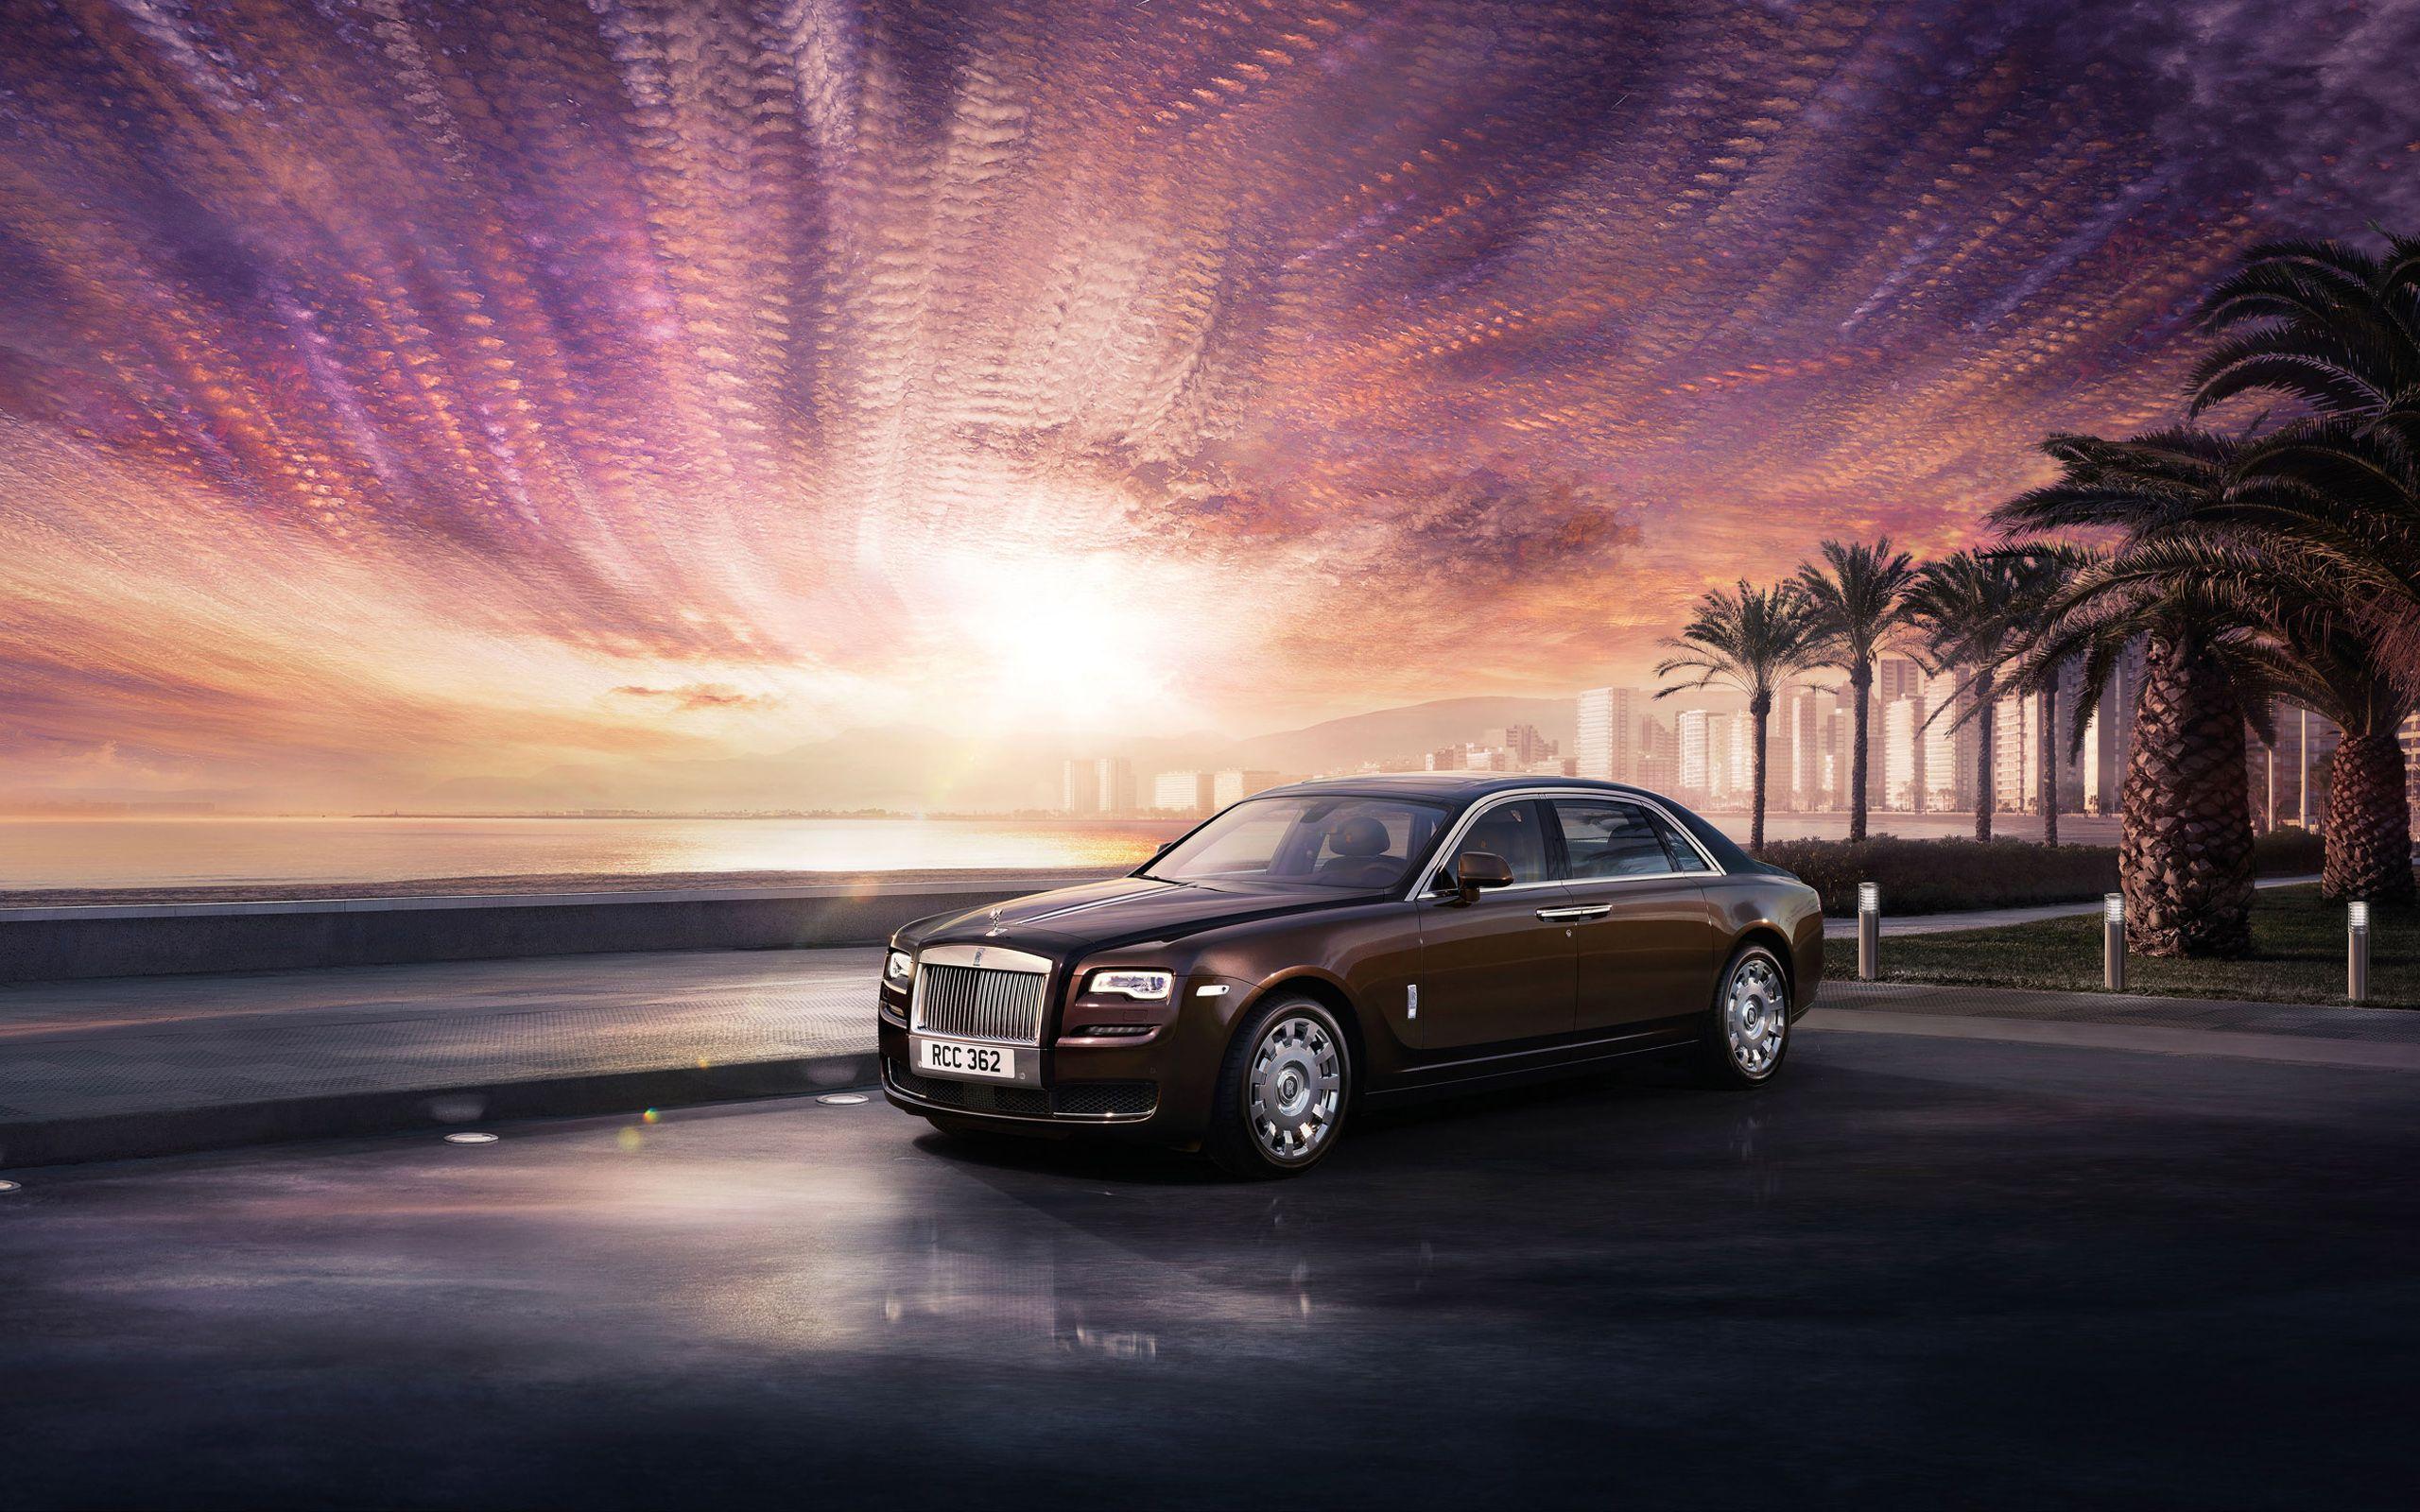 Rolls Royce Ghost 2015 HD Wallpaper